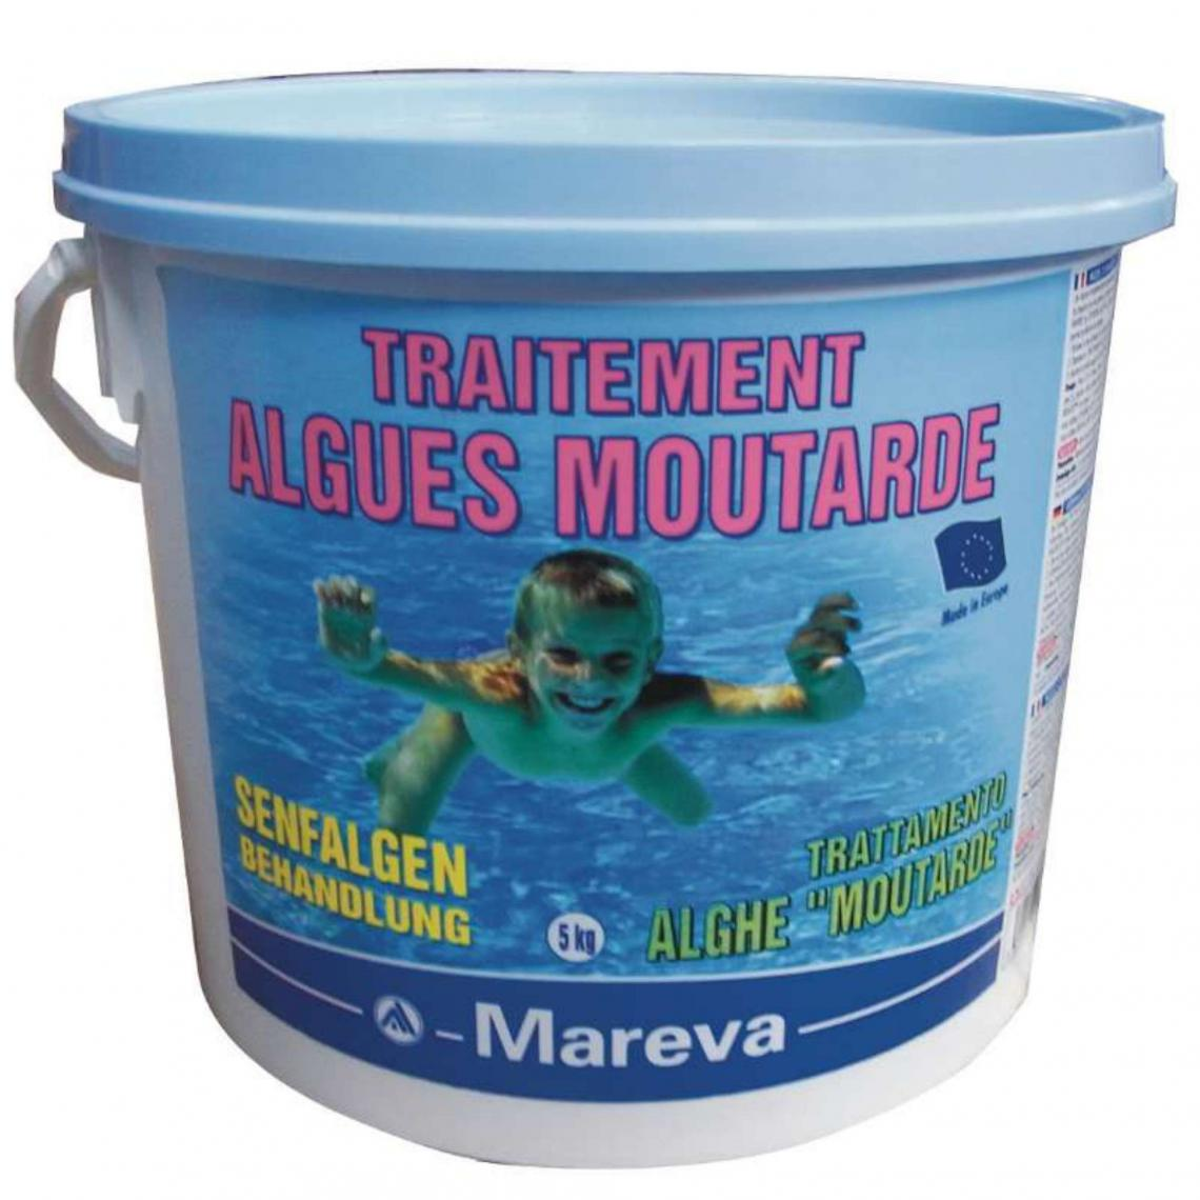 Provence Outillage Stop algues spécial algues moutarde pot de 3kg